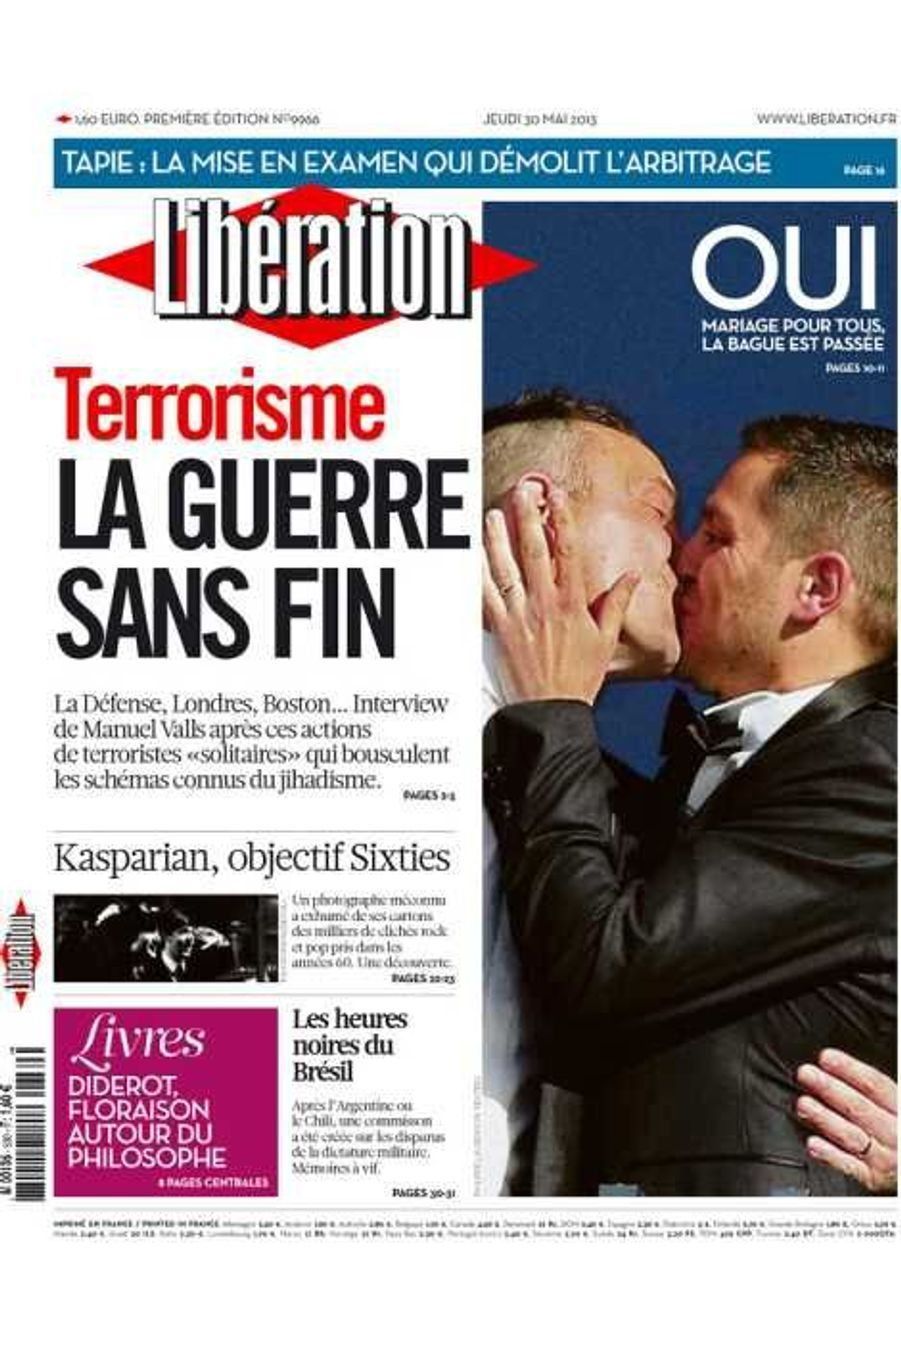 Le premier mariage gay de France à la Une